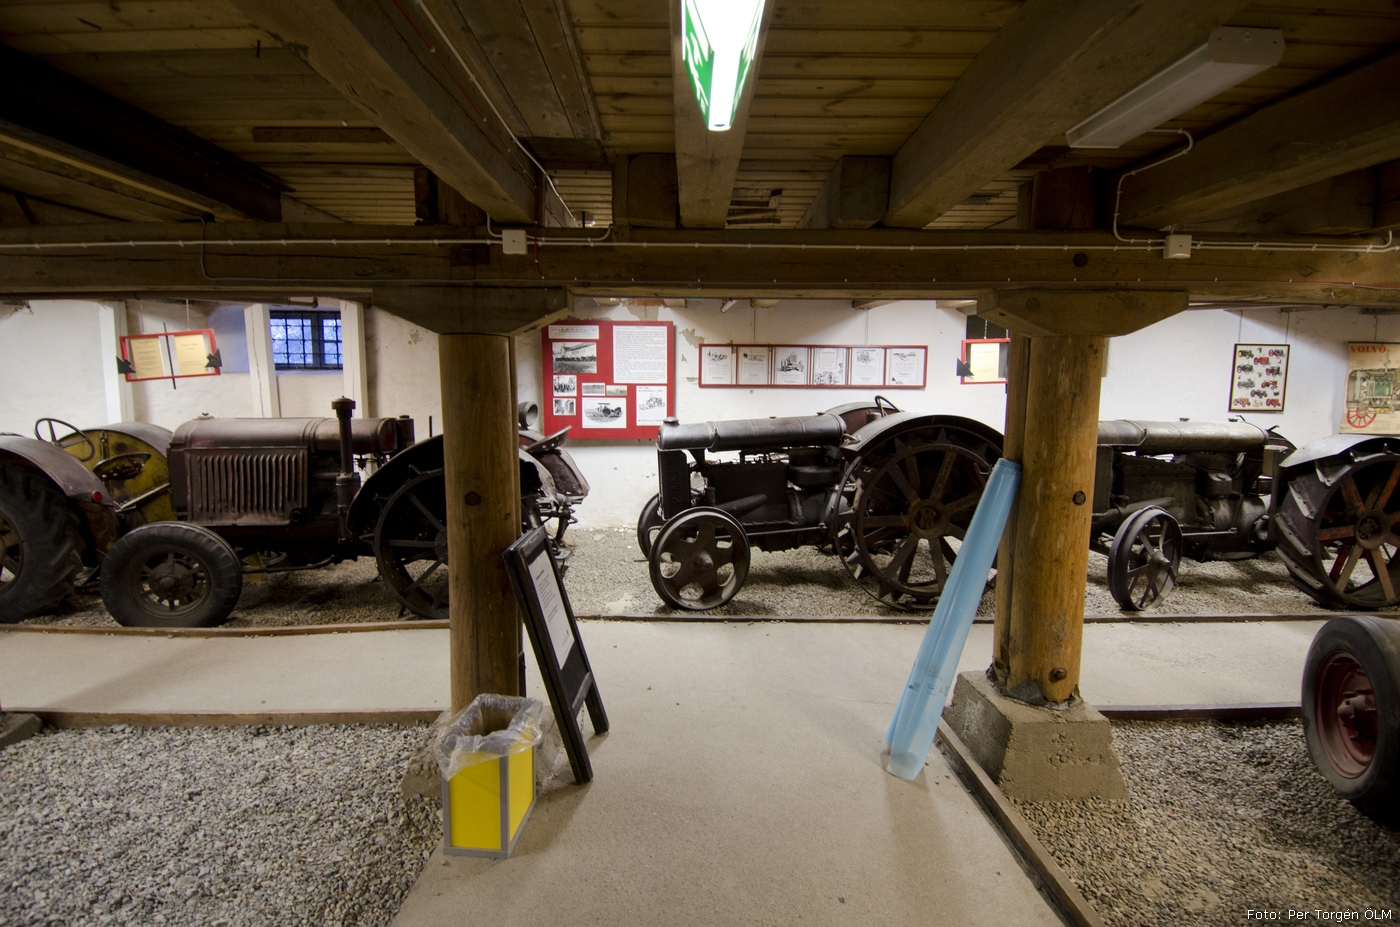 2012-02-10_023_Tekniska_kvarnen